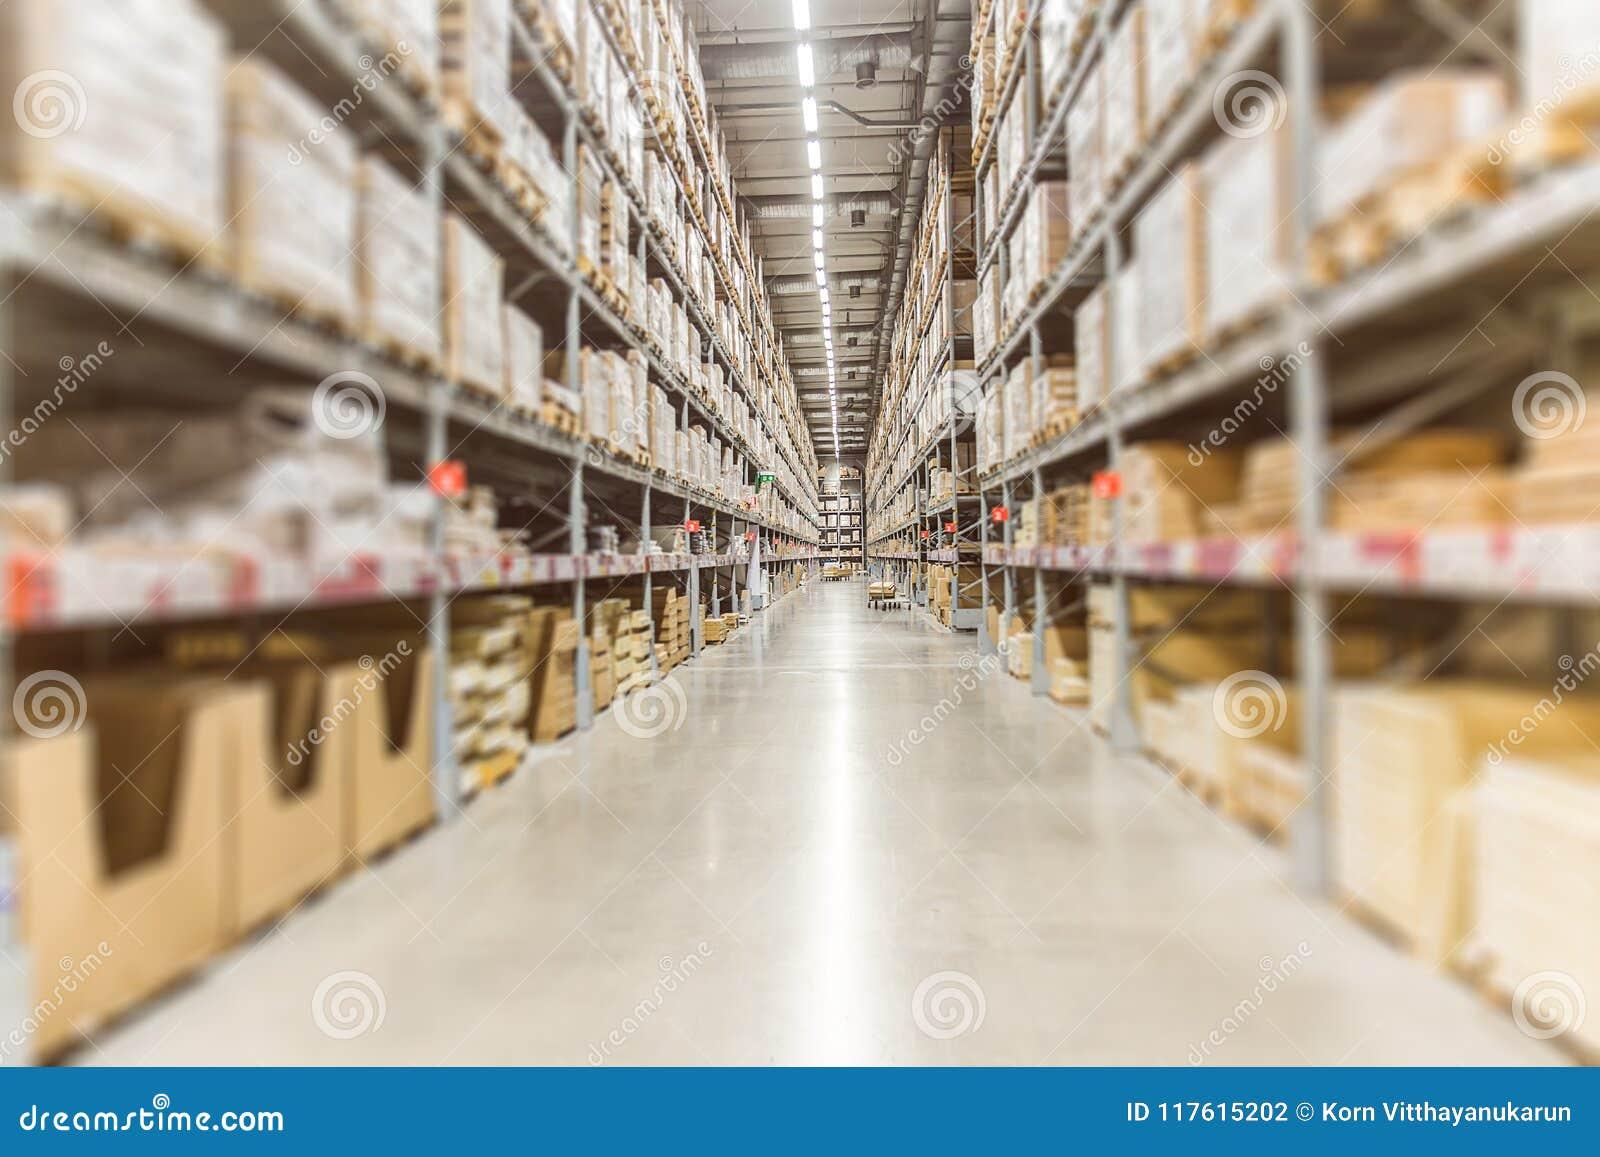 Μεγάλος κατάλογος Απόθεμα αγαθών αποθηκών εμπορευμάτων για τη λογιστική ναυτιλία